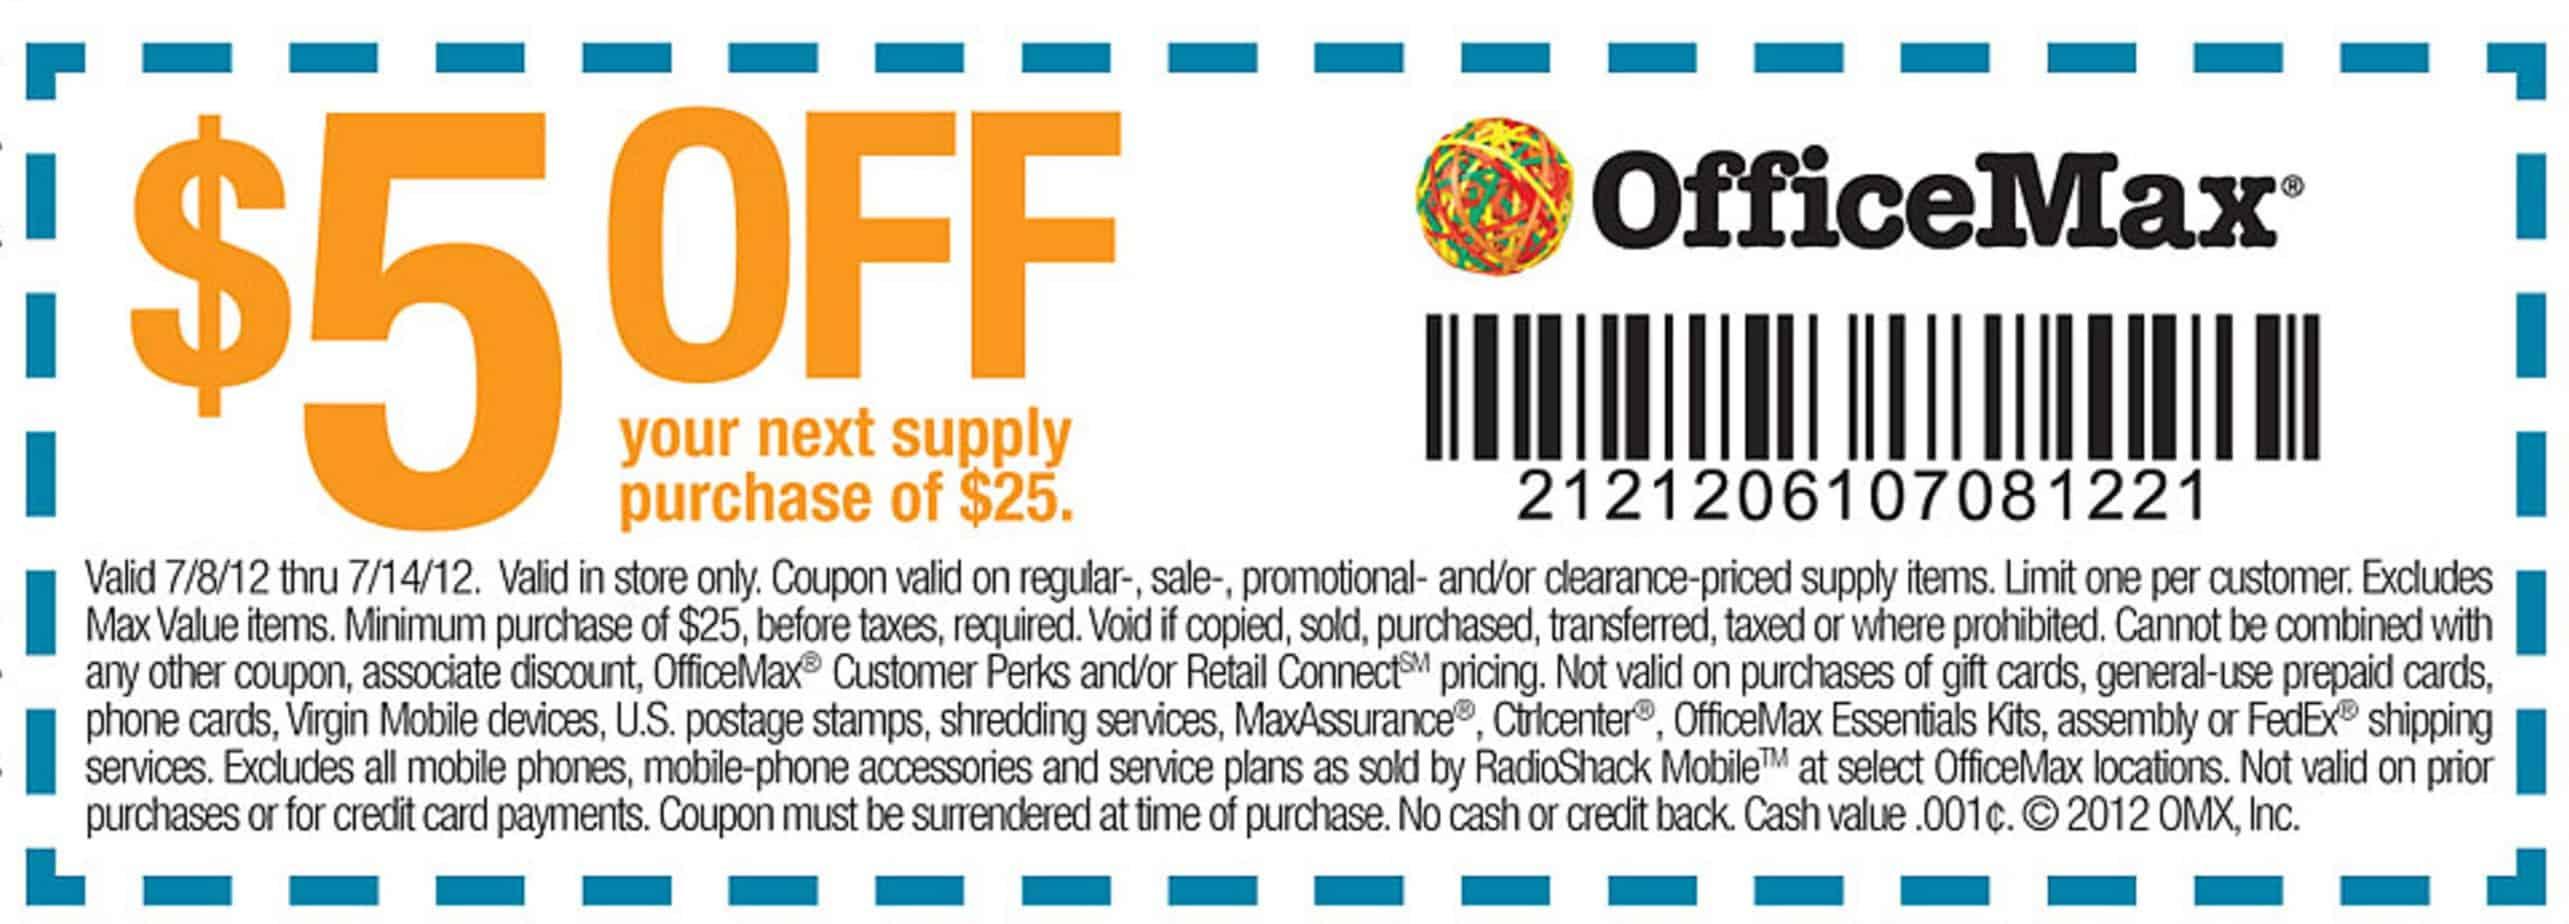 Template Coupon coupons design templates coupon template design